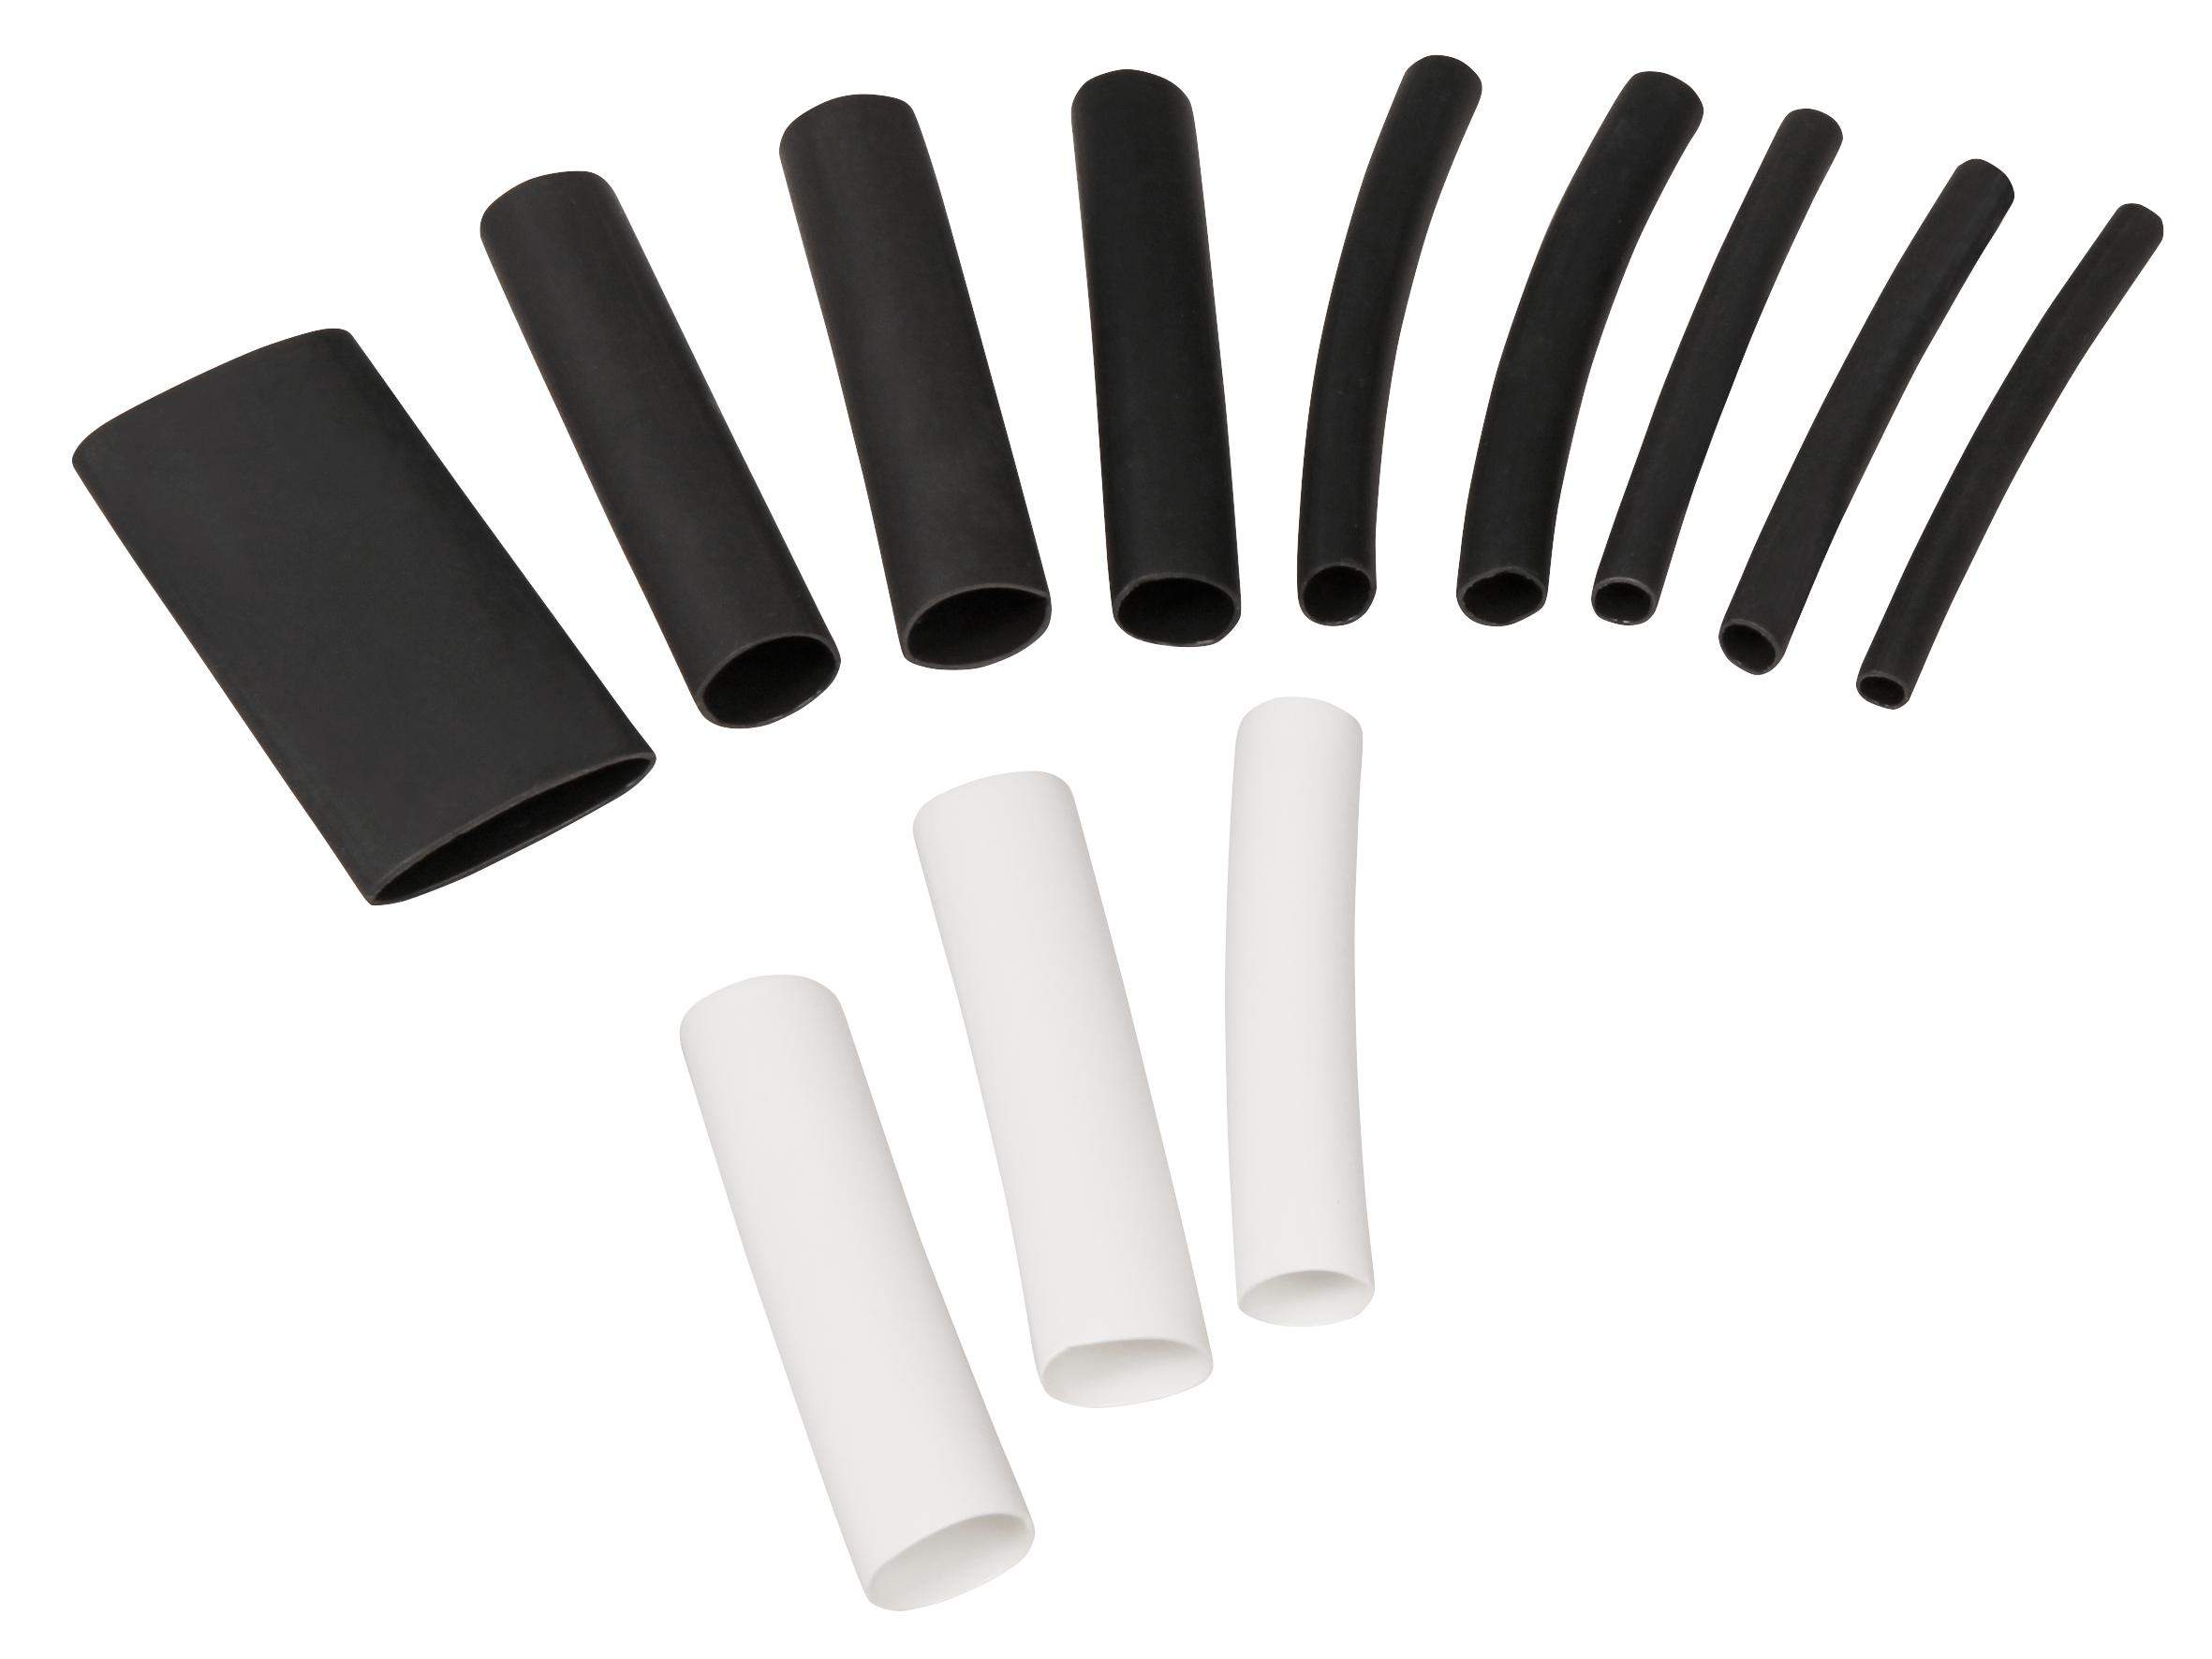 Schrumpfschlauch-Set McPower, 300-teilig in Sortimentsbox, klebend, schwarz/weiß